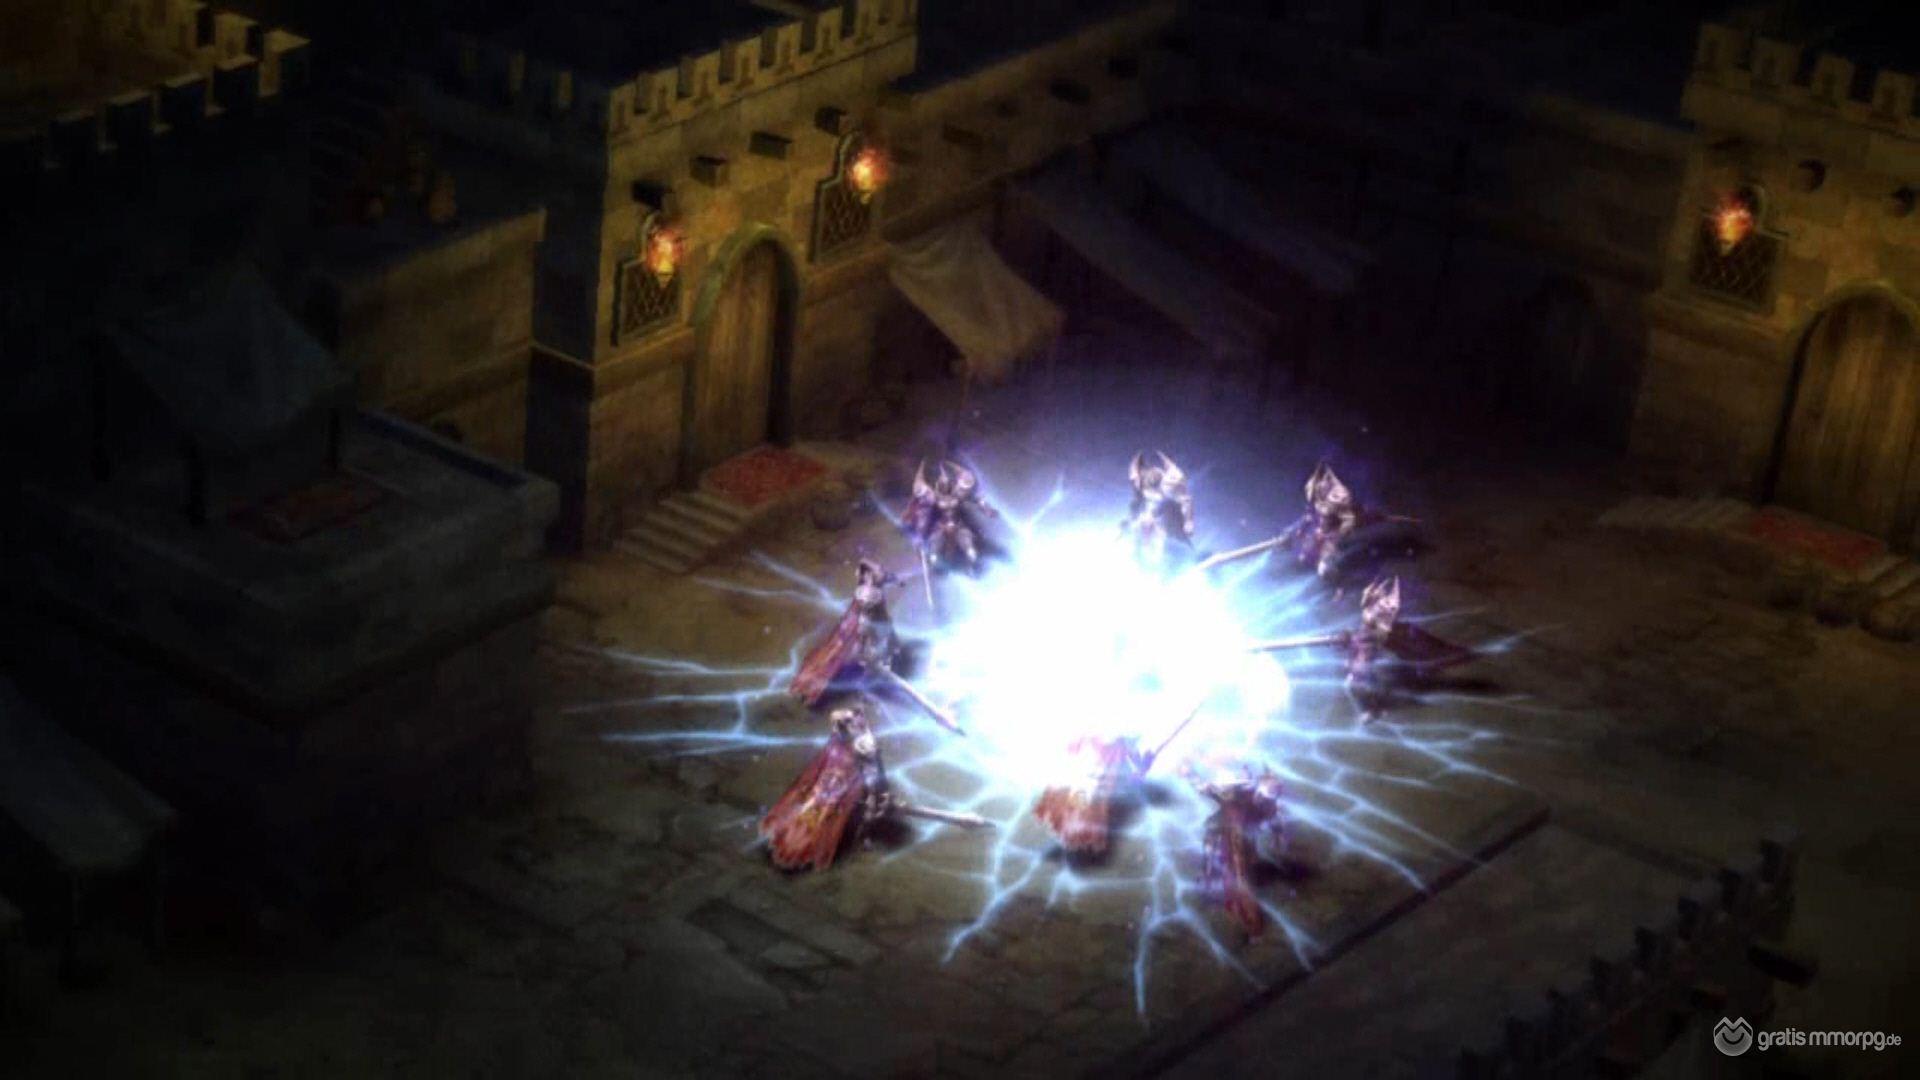 Klicke auf die Grafik für eine größere AnsichtName:War of the Immortals 6.jpgHits:151Größe:128,8 KBID:4648